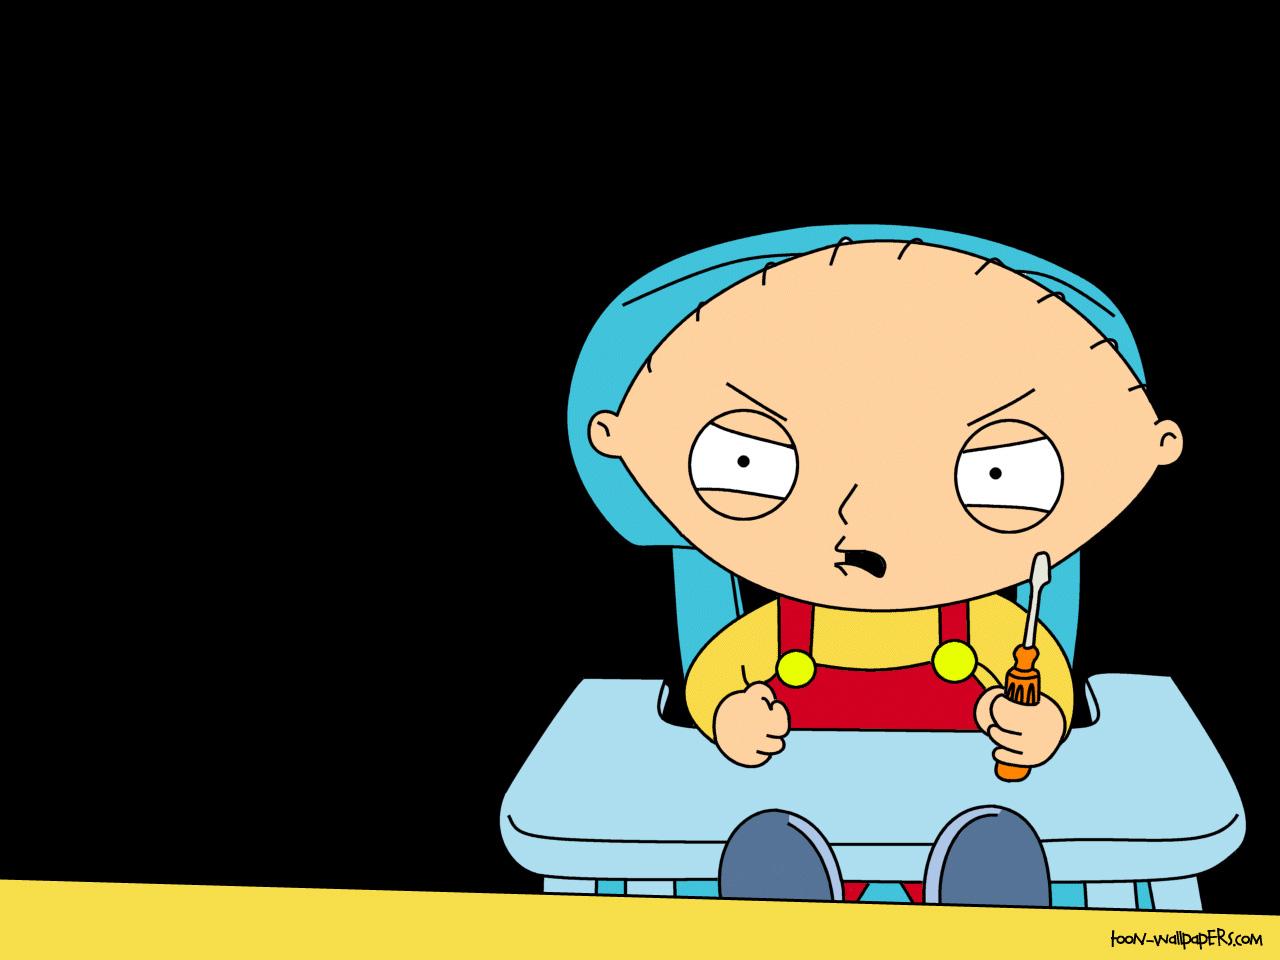 Family Guy Wallpaper Stewie Stewie griffin 1280x960